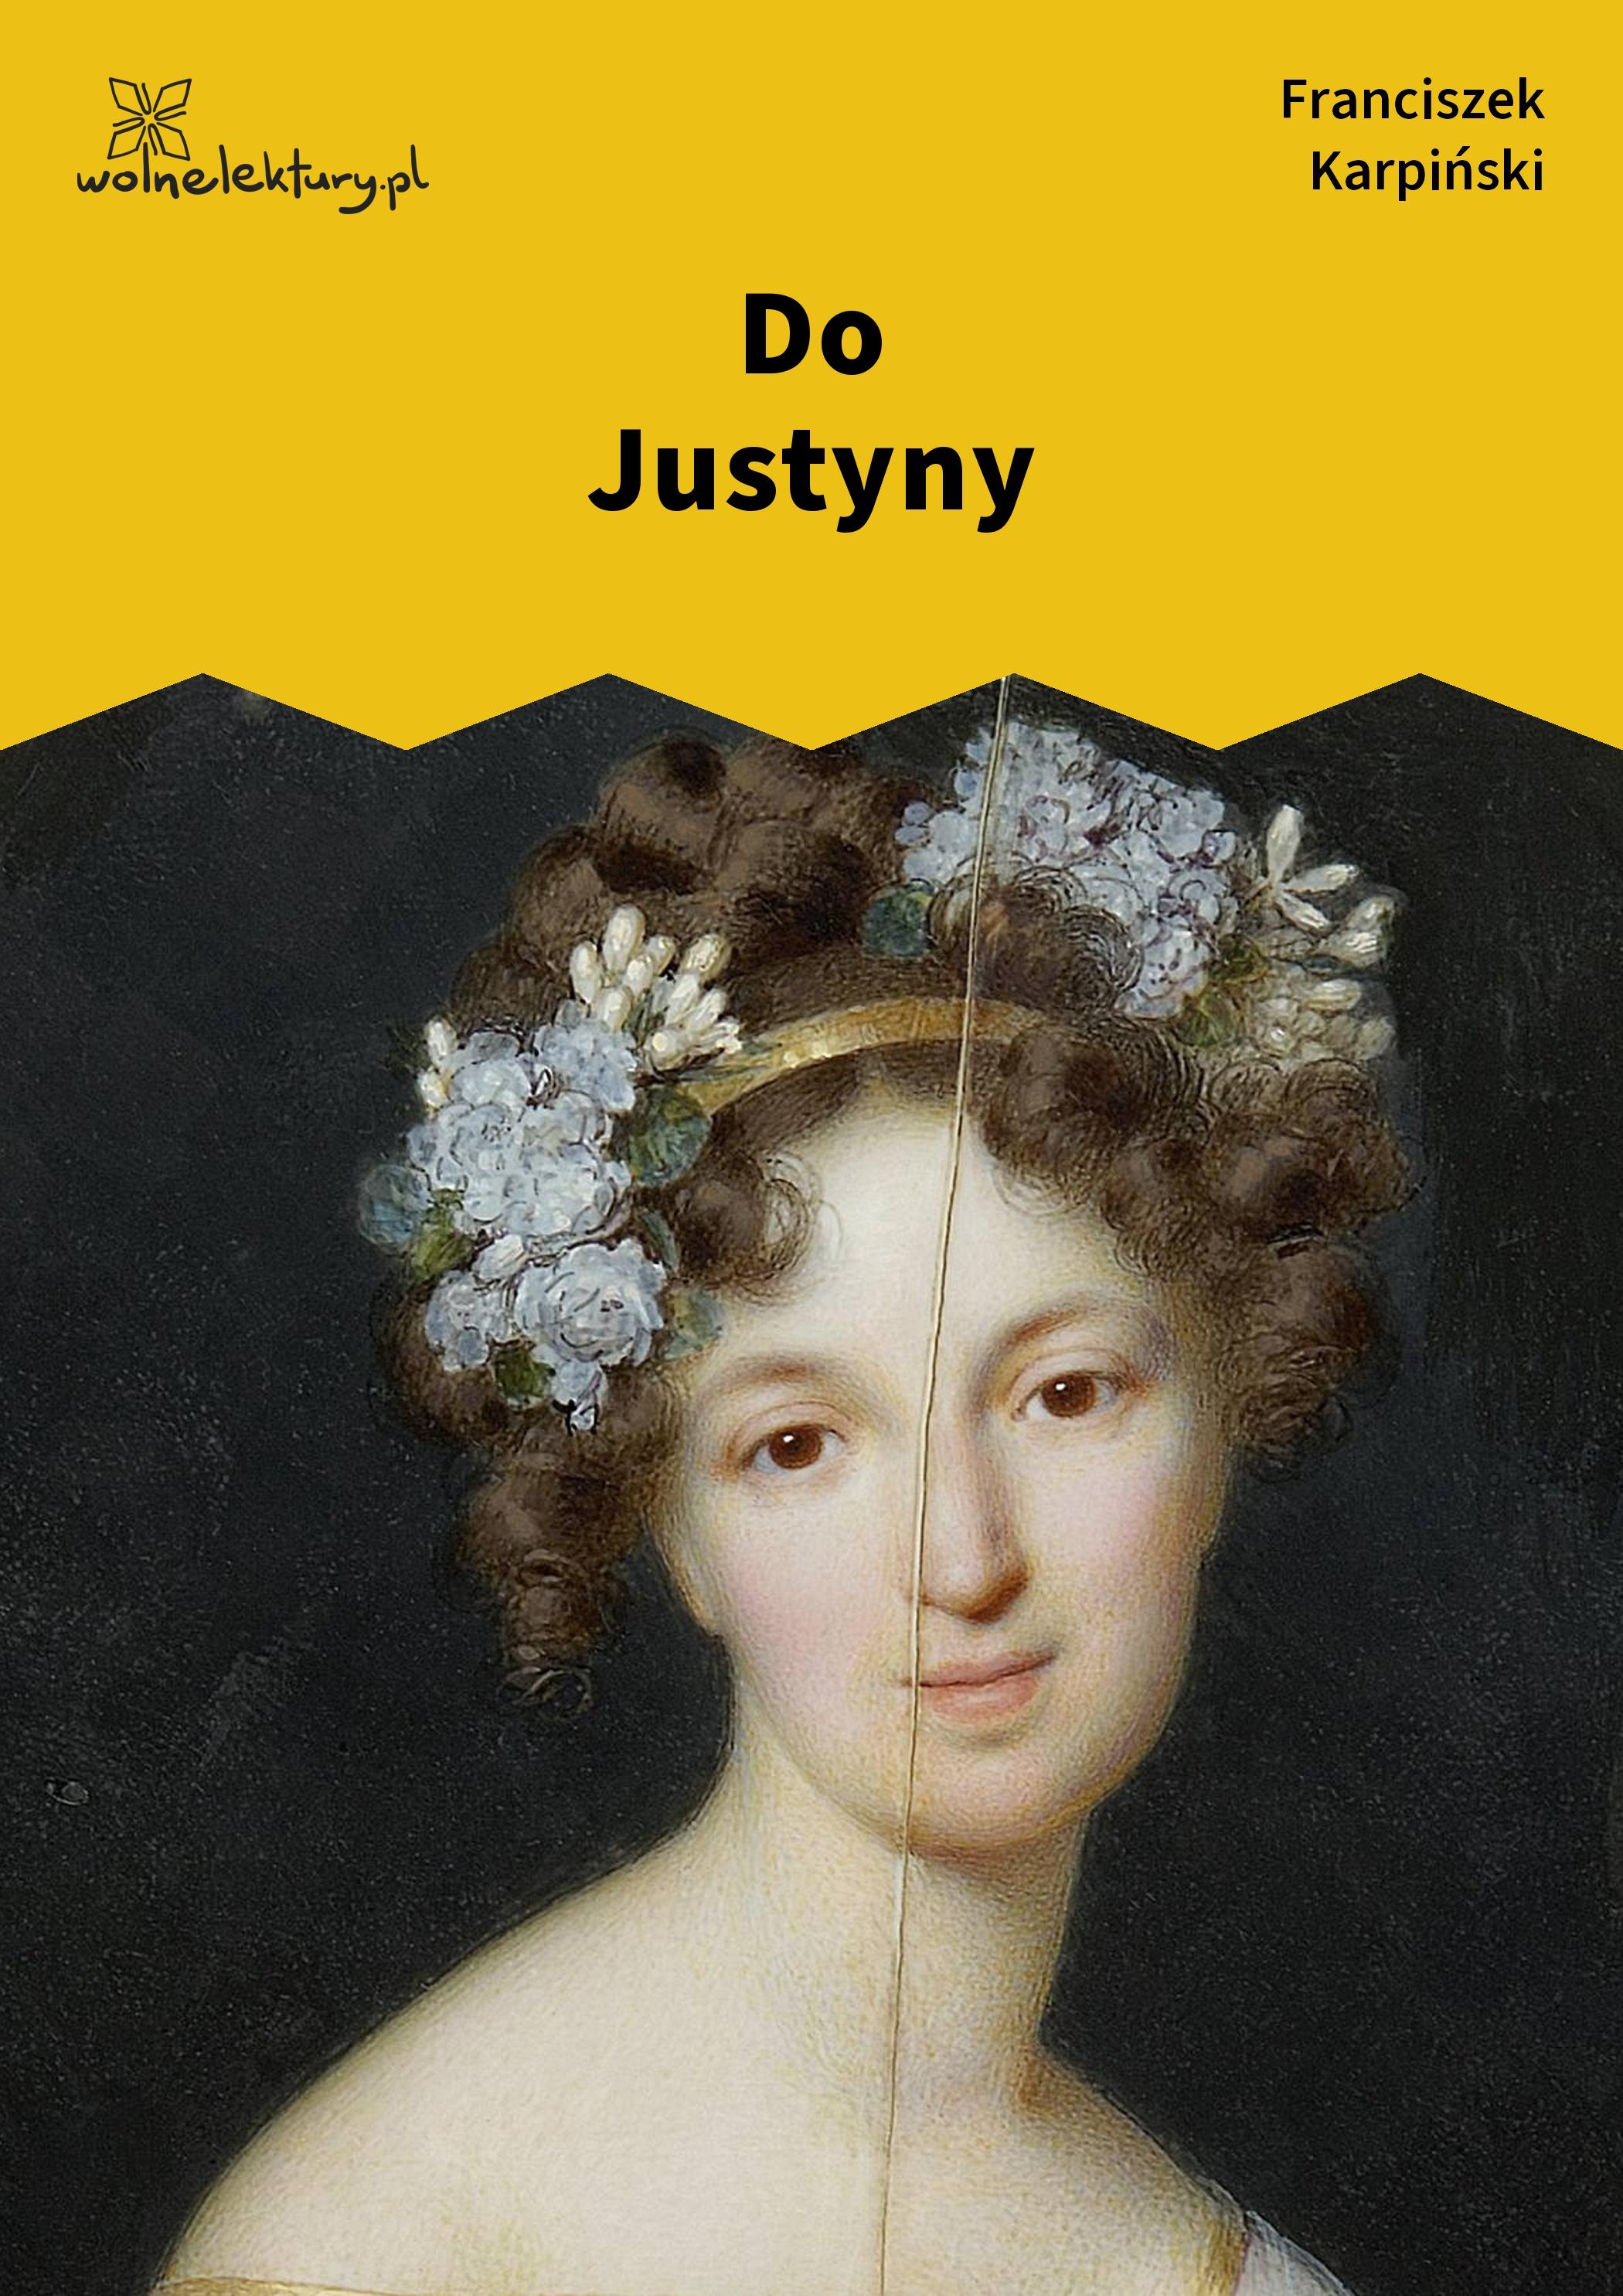 Franciszek Karpiński Przypomnienie Dawnej Miłości Wolne